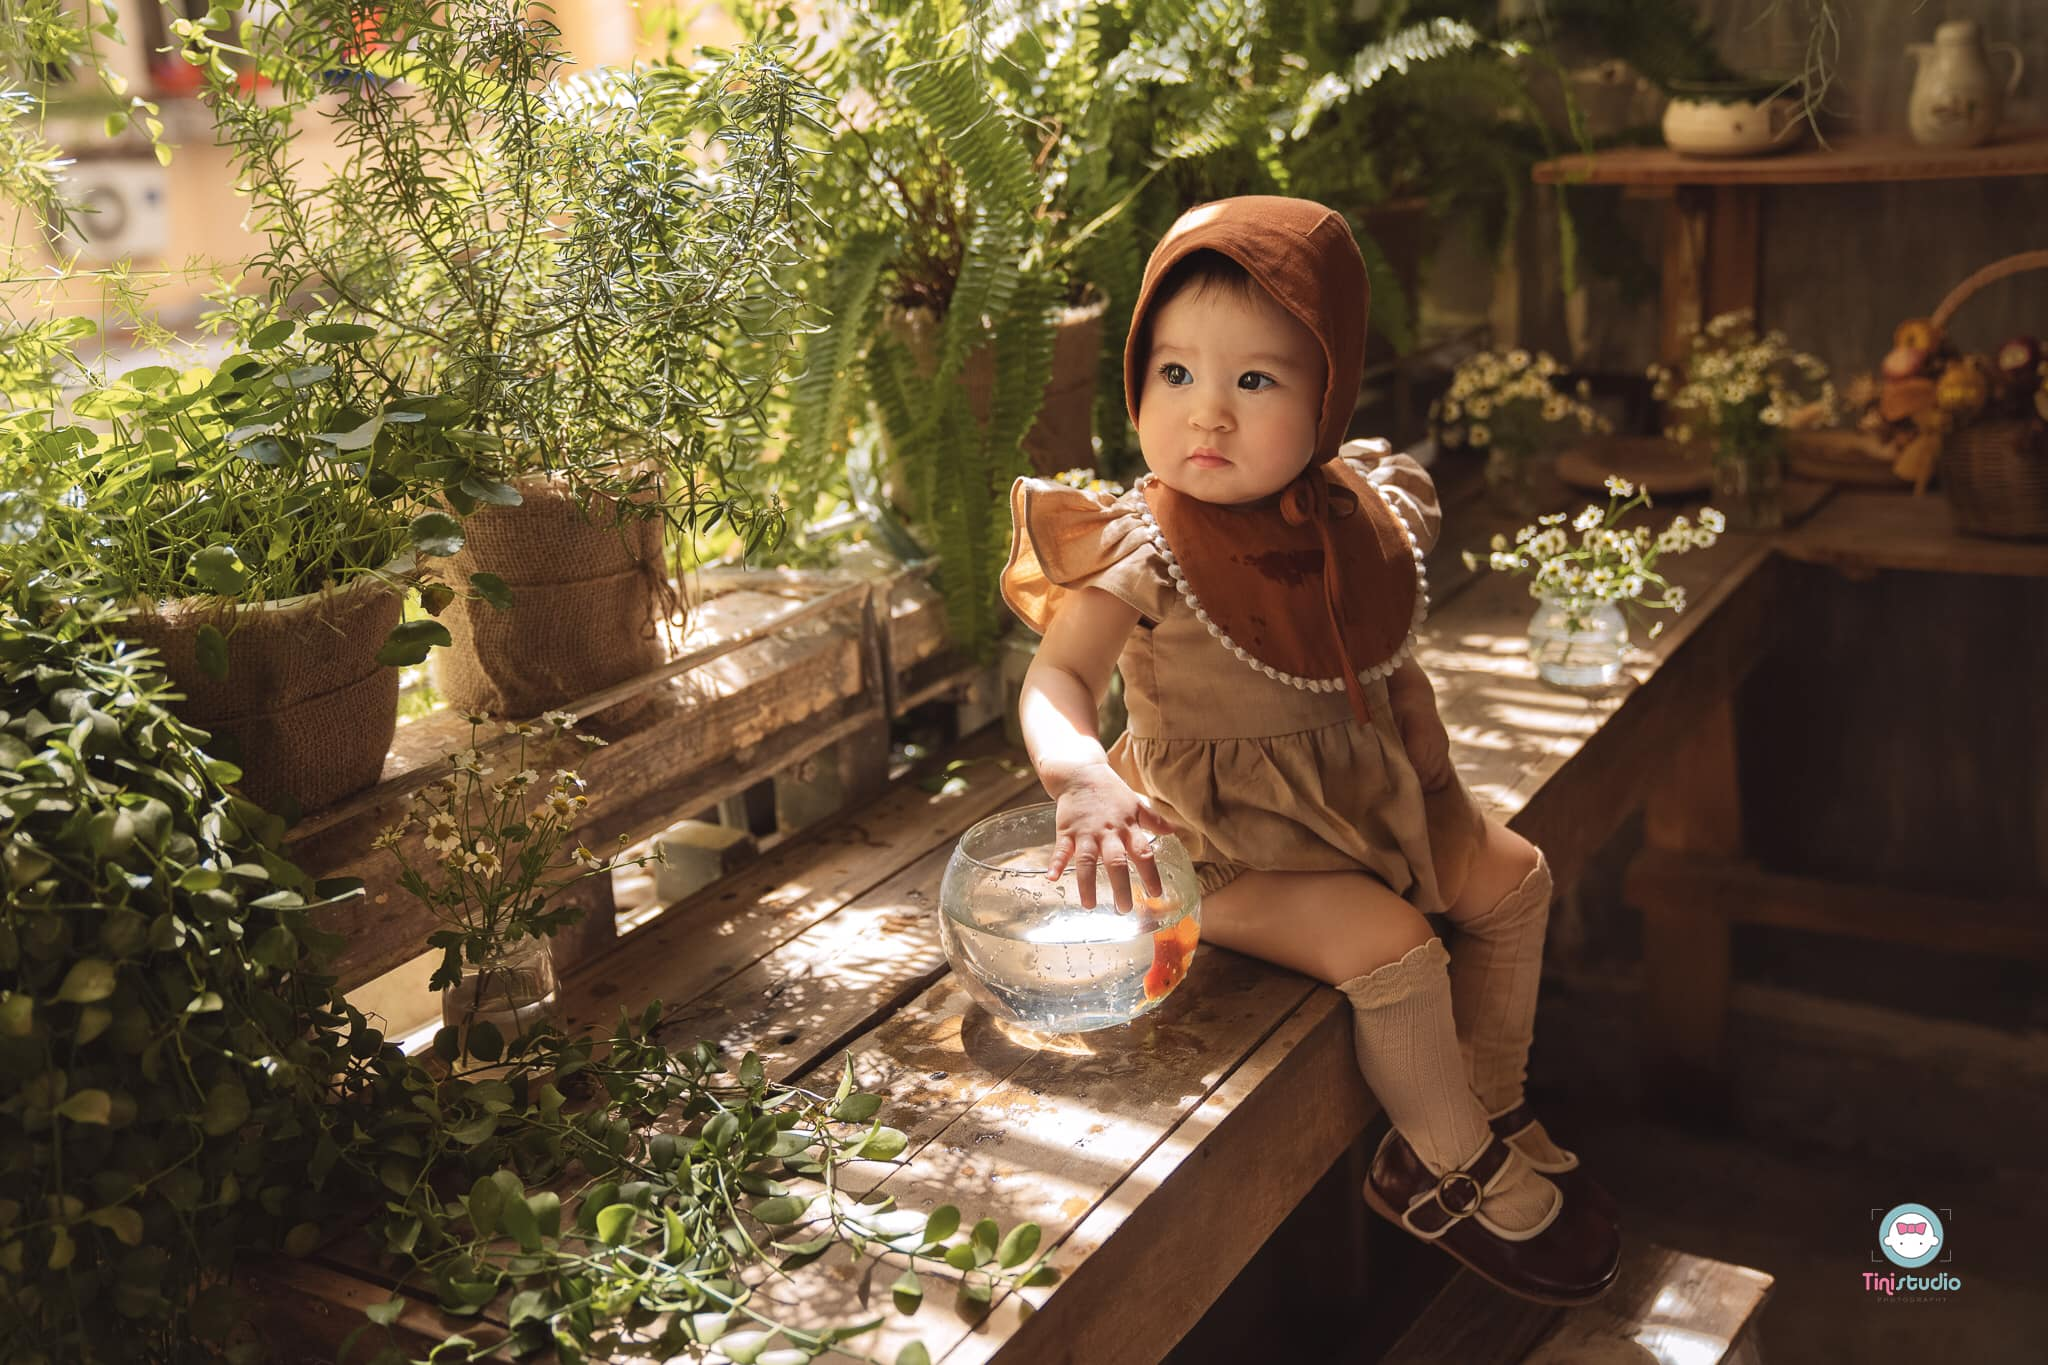 Top 7 Studio chụp ảnh cho bé đẹp và chất lượng nhất Cần Thơ - Tí Nị Studio